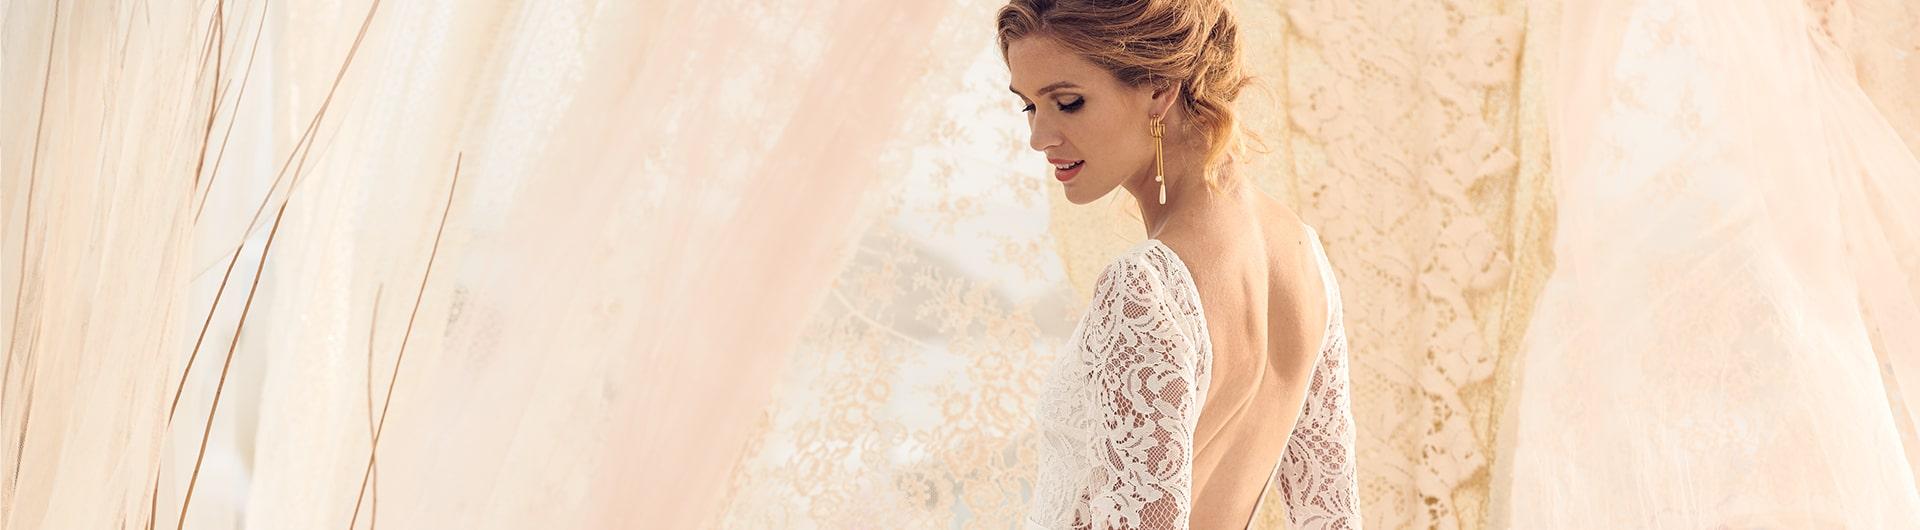 Rose bridal dress